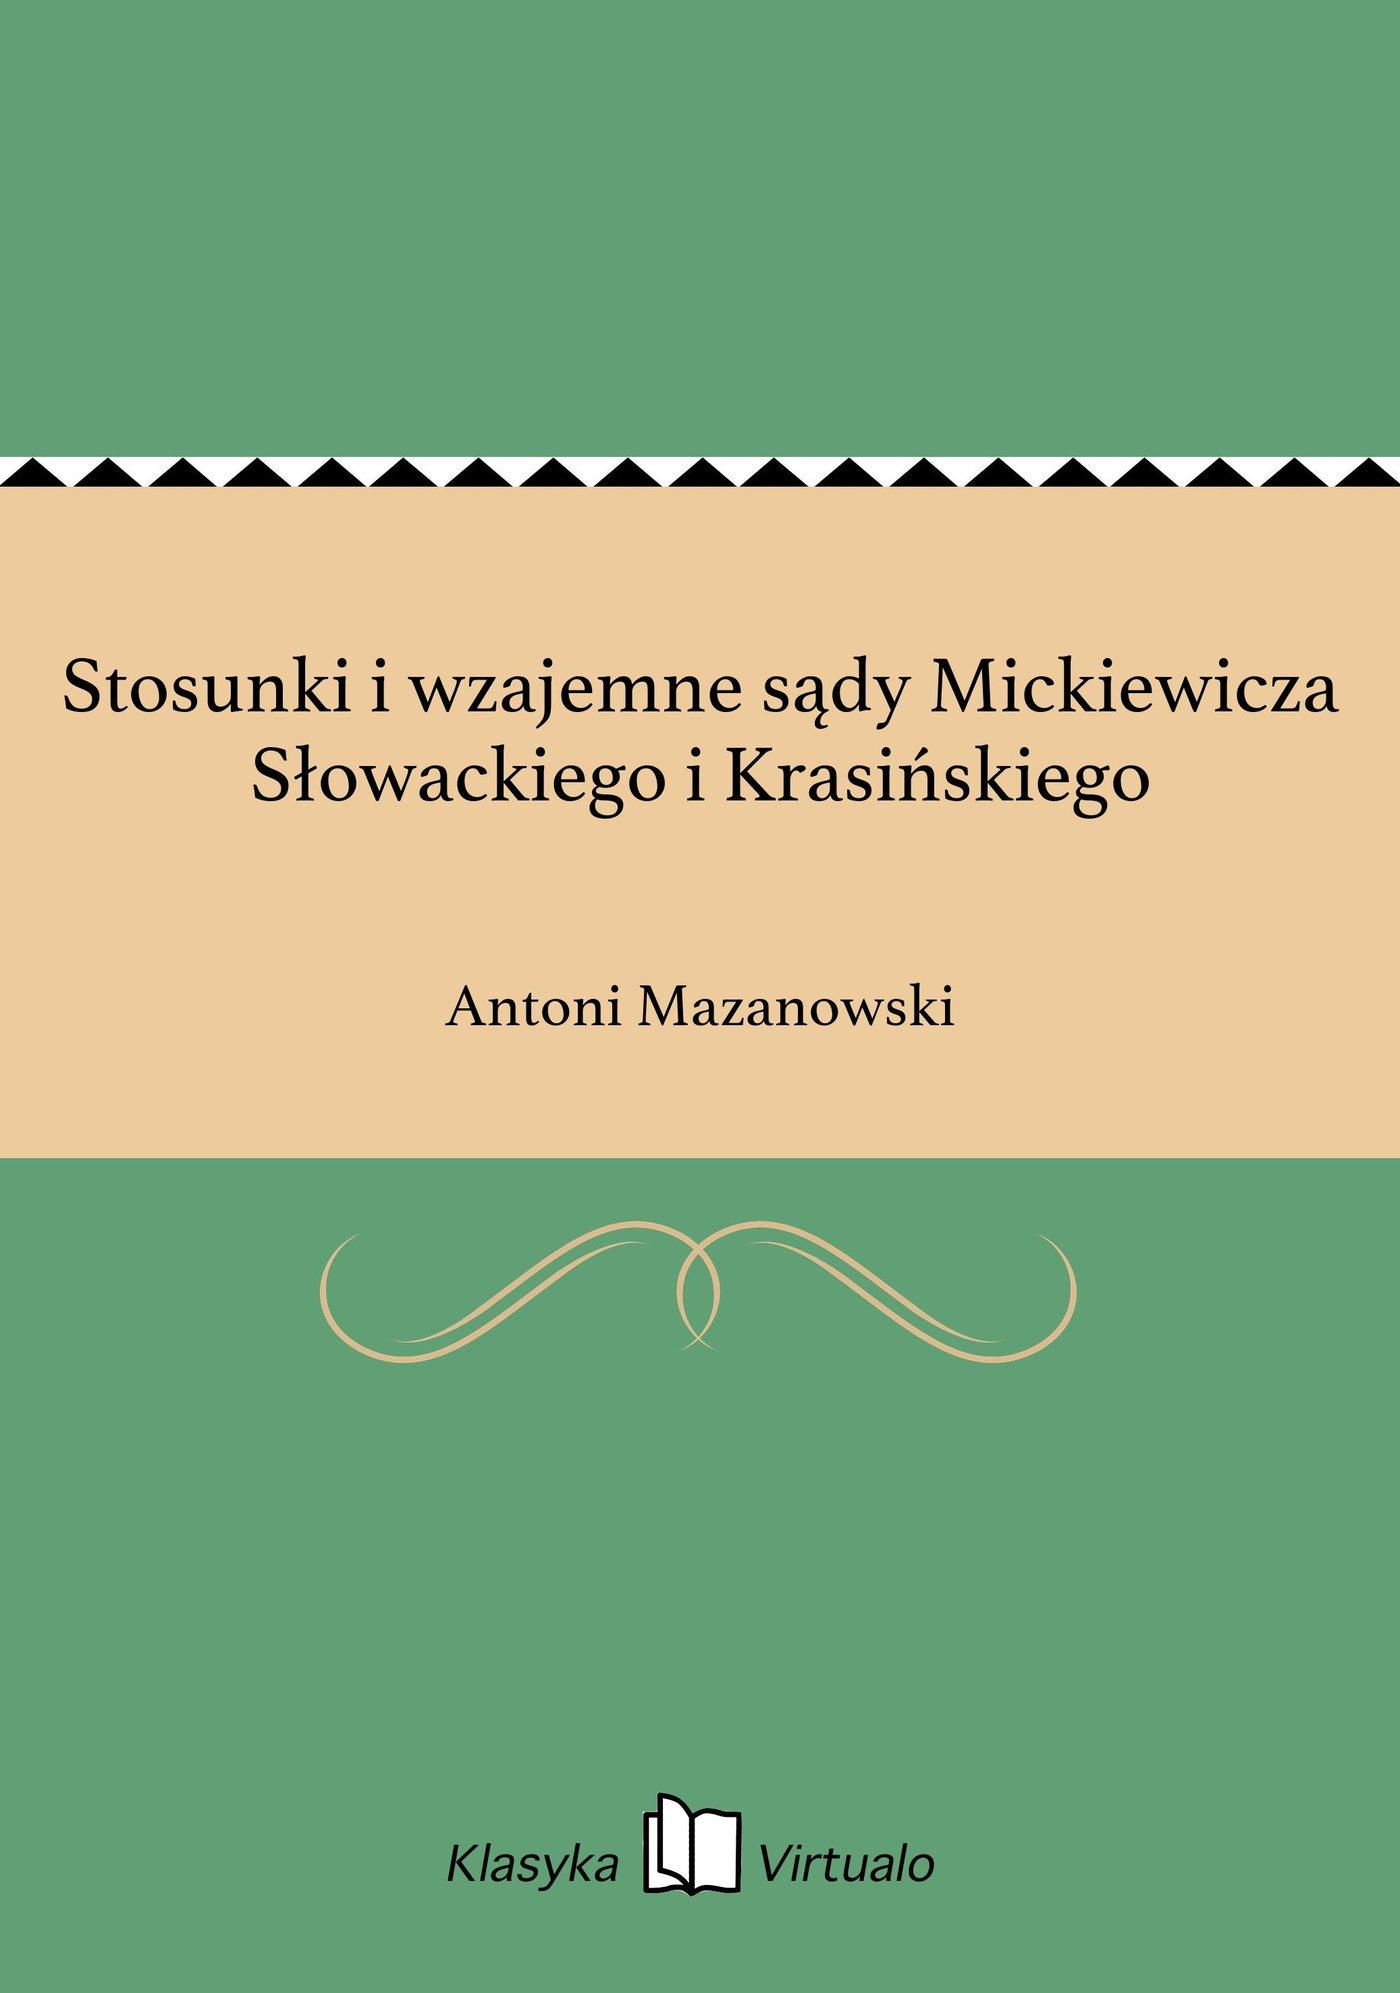 Stosunki i wzajemne sądy Mickiewicza Słowackiego i Krasińskiego - Ebook (Książka EPUB) do pobrania w formacie EPUB